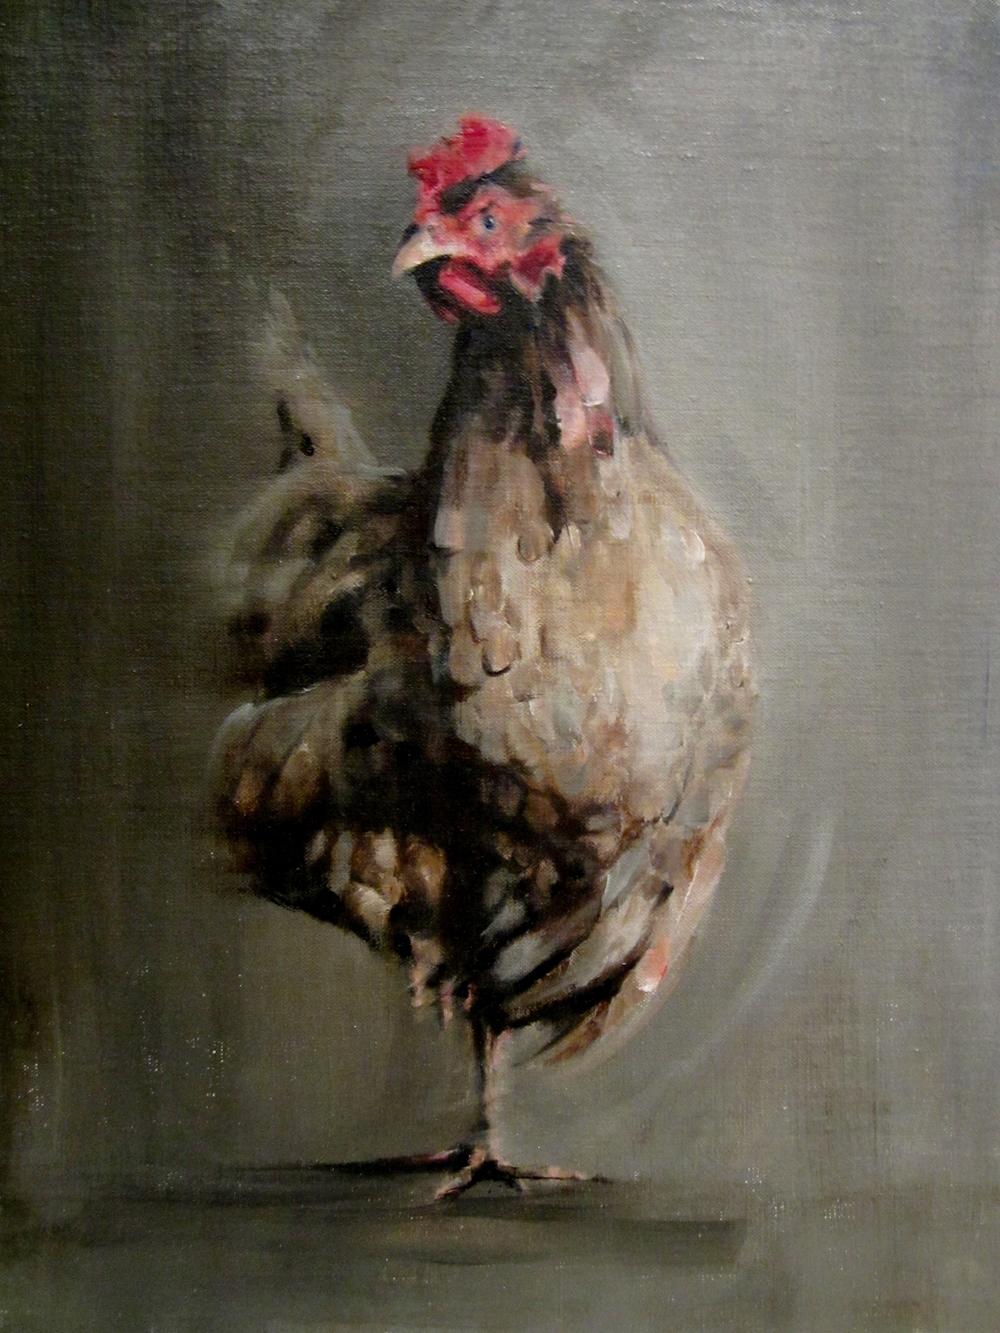 Grumpy Chicken